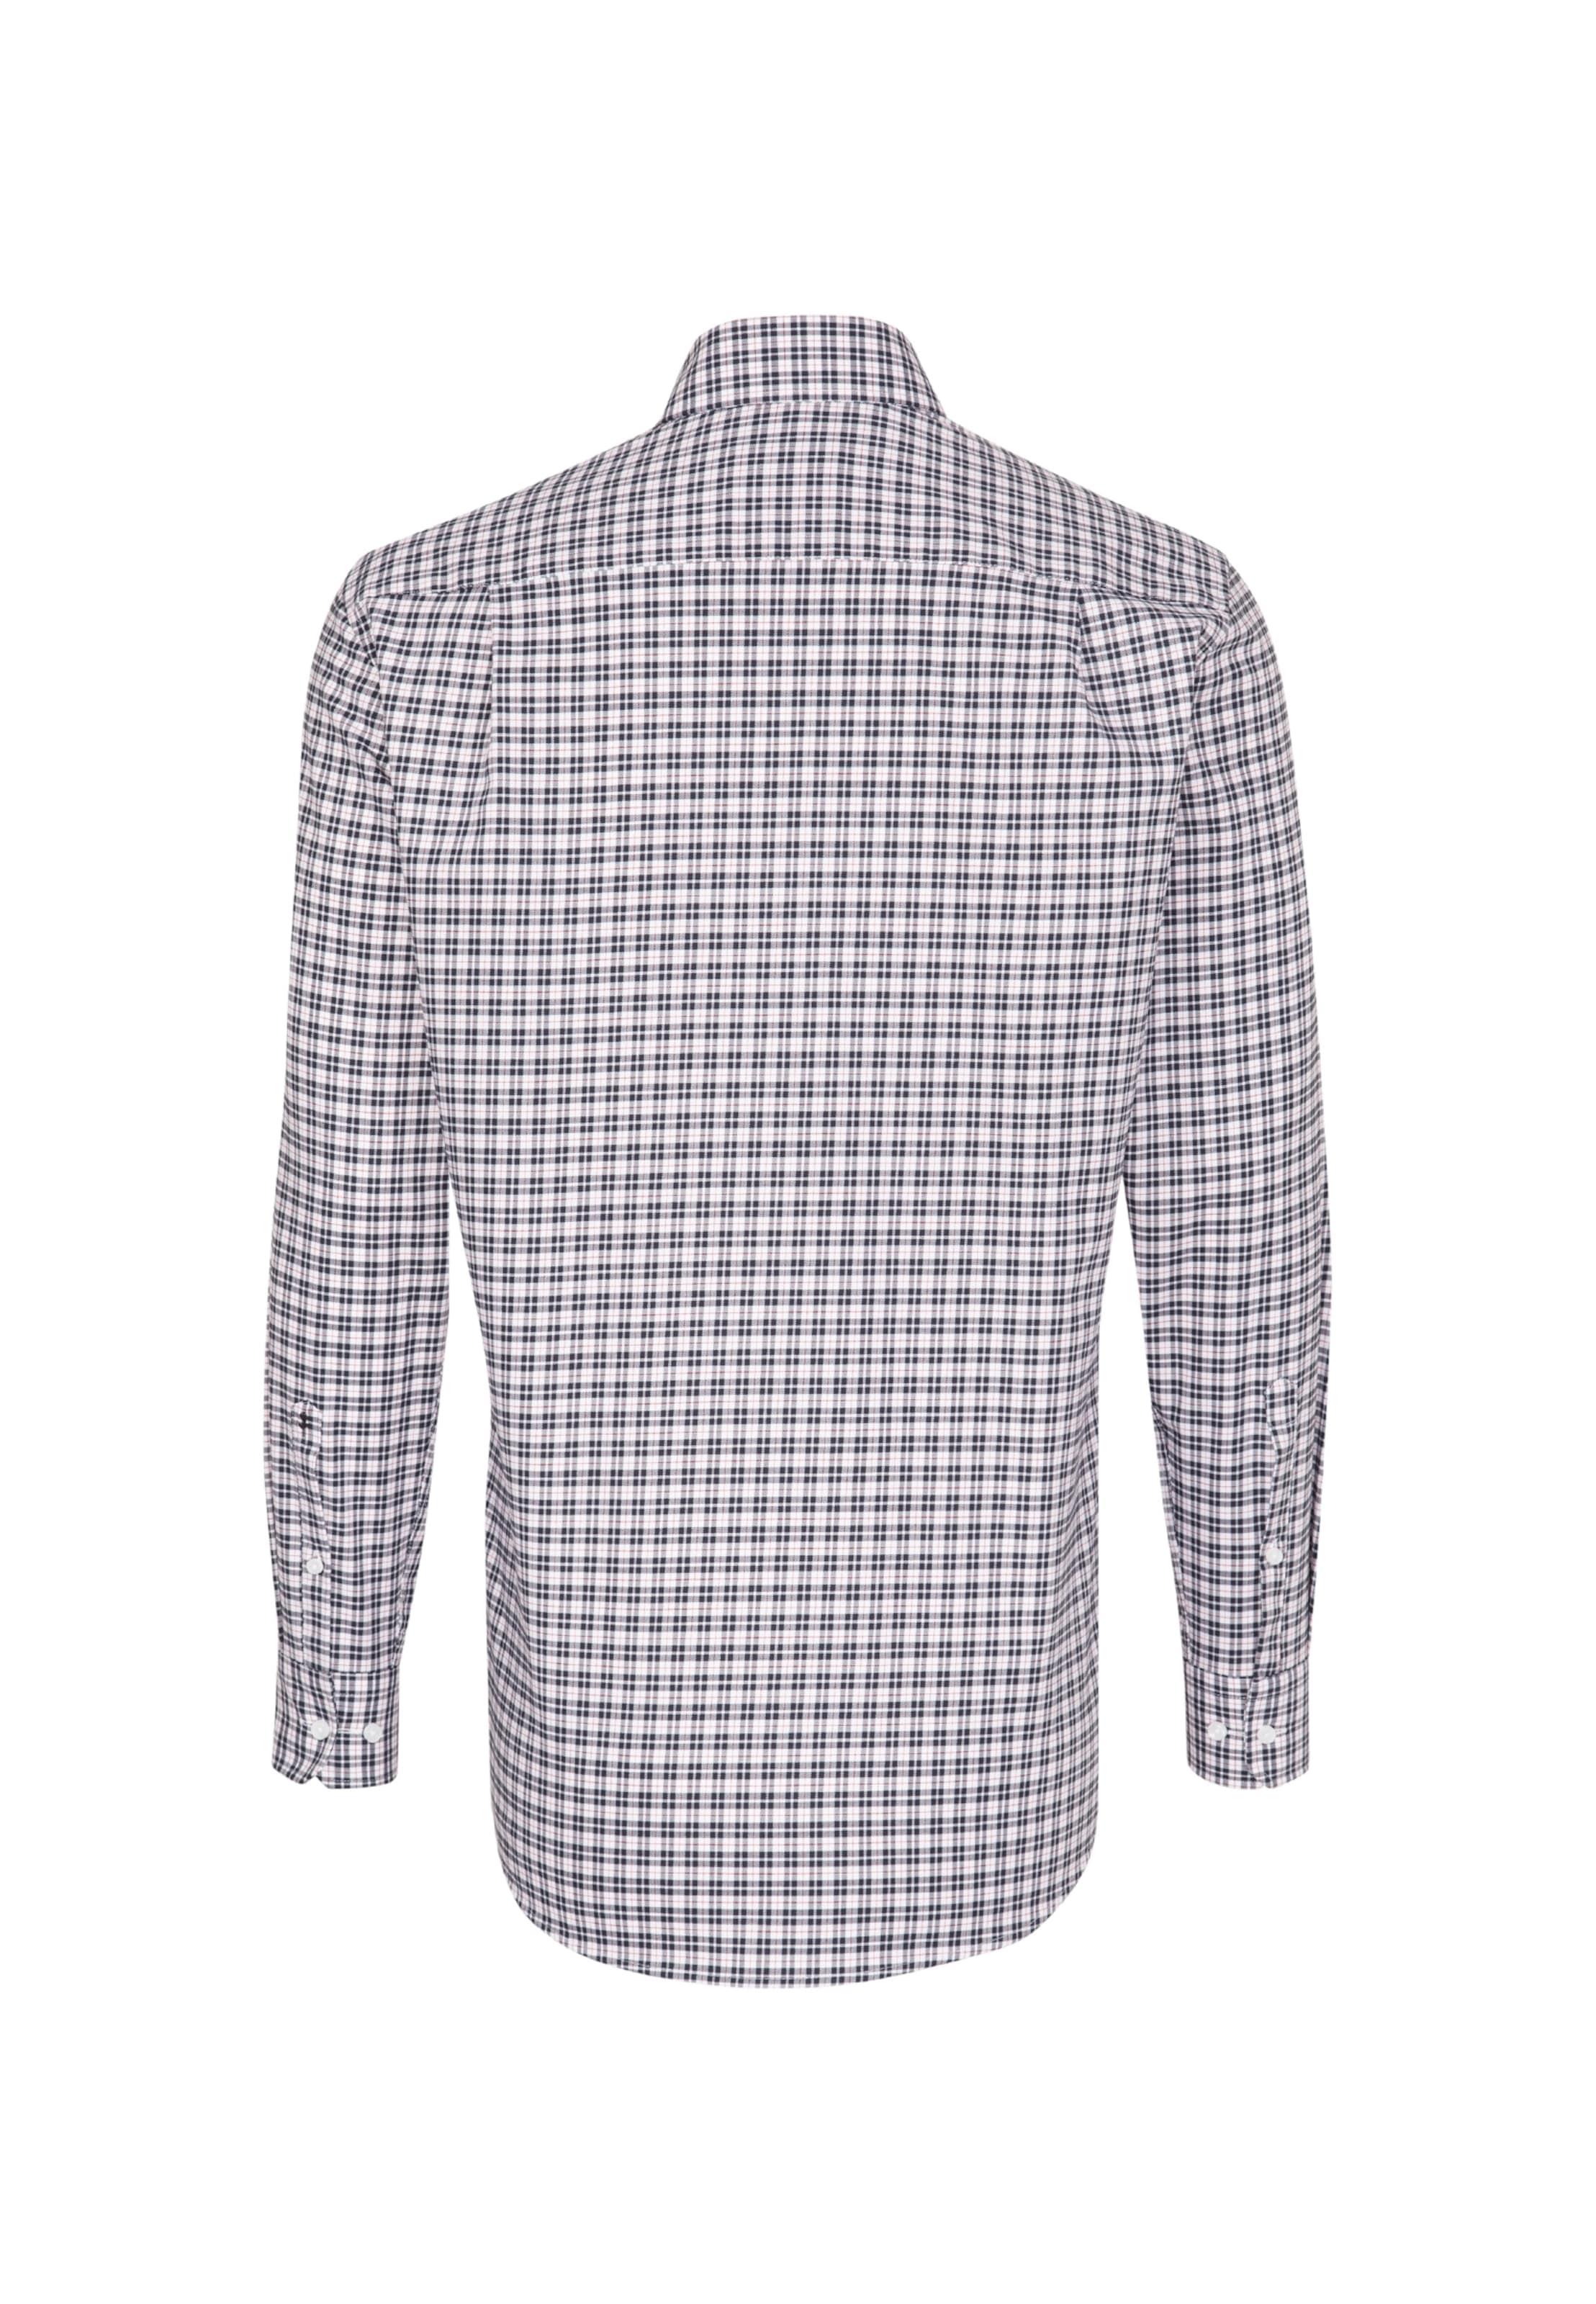 Weiß 'modern' In Seidensticker Hemd NachtblauRot 0Nwvmn8O